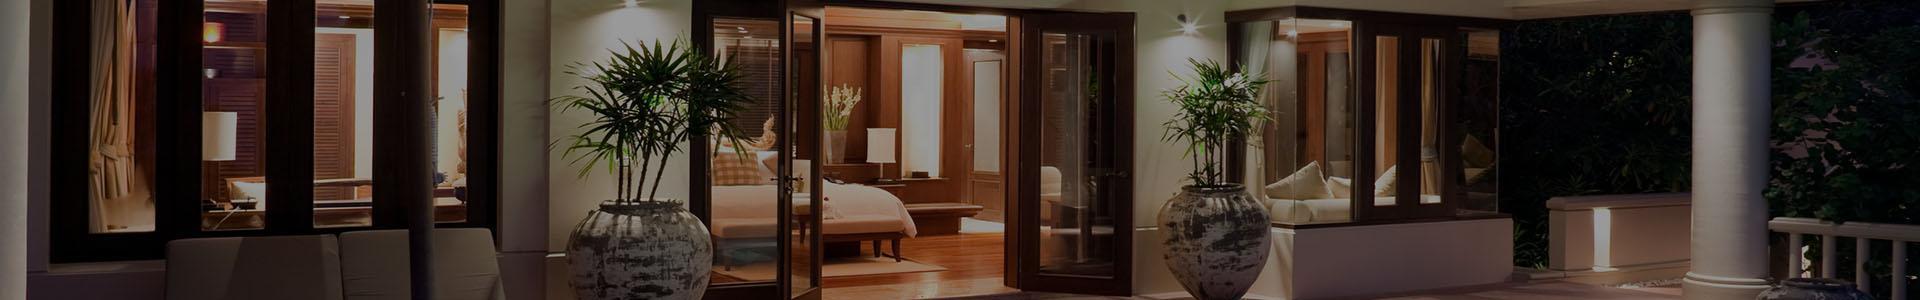 Otwarte drzwi do mieszkania